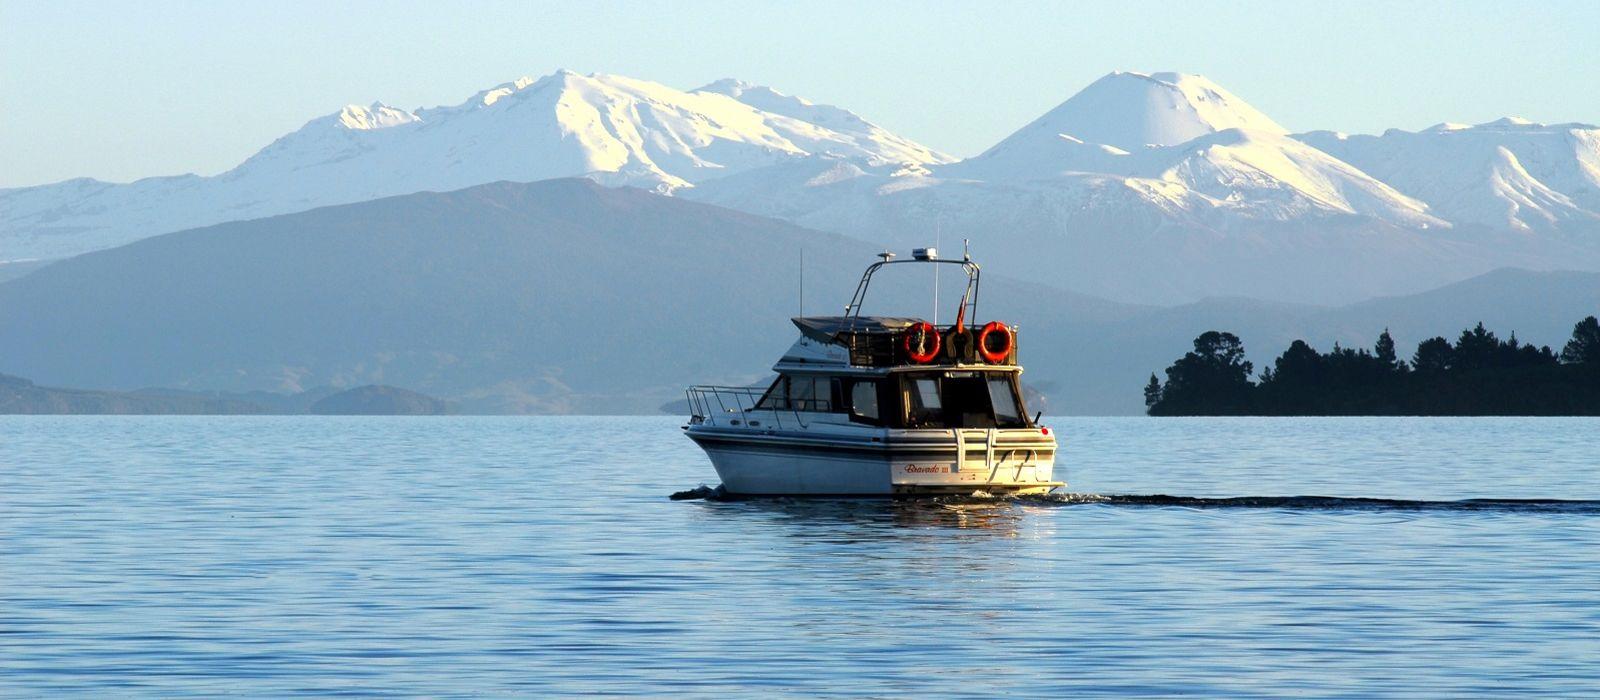 Reiseziel Taupo Neuseeland